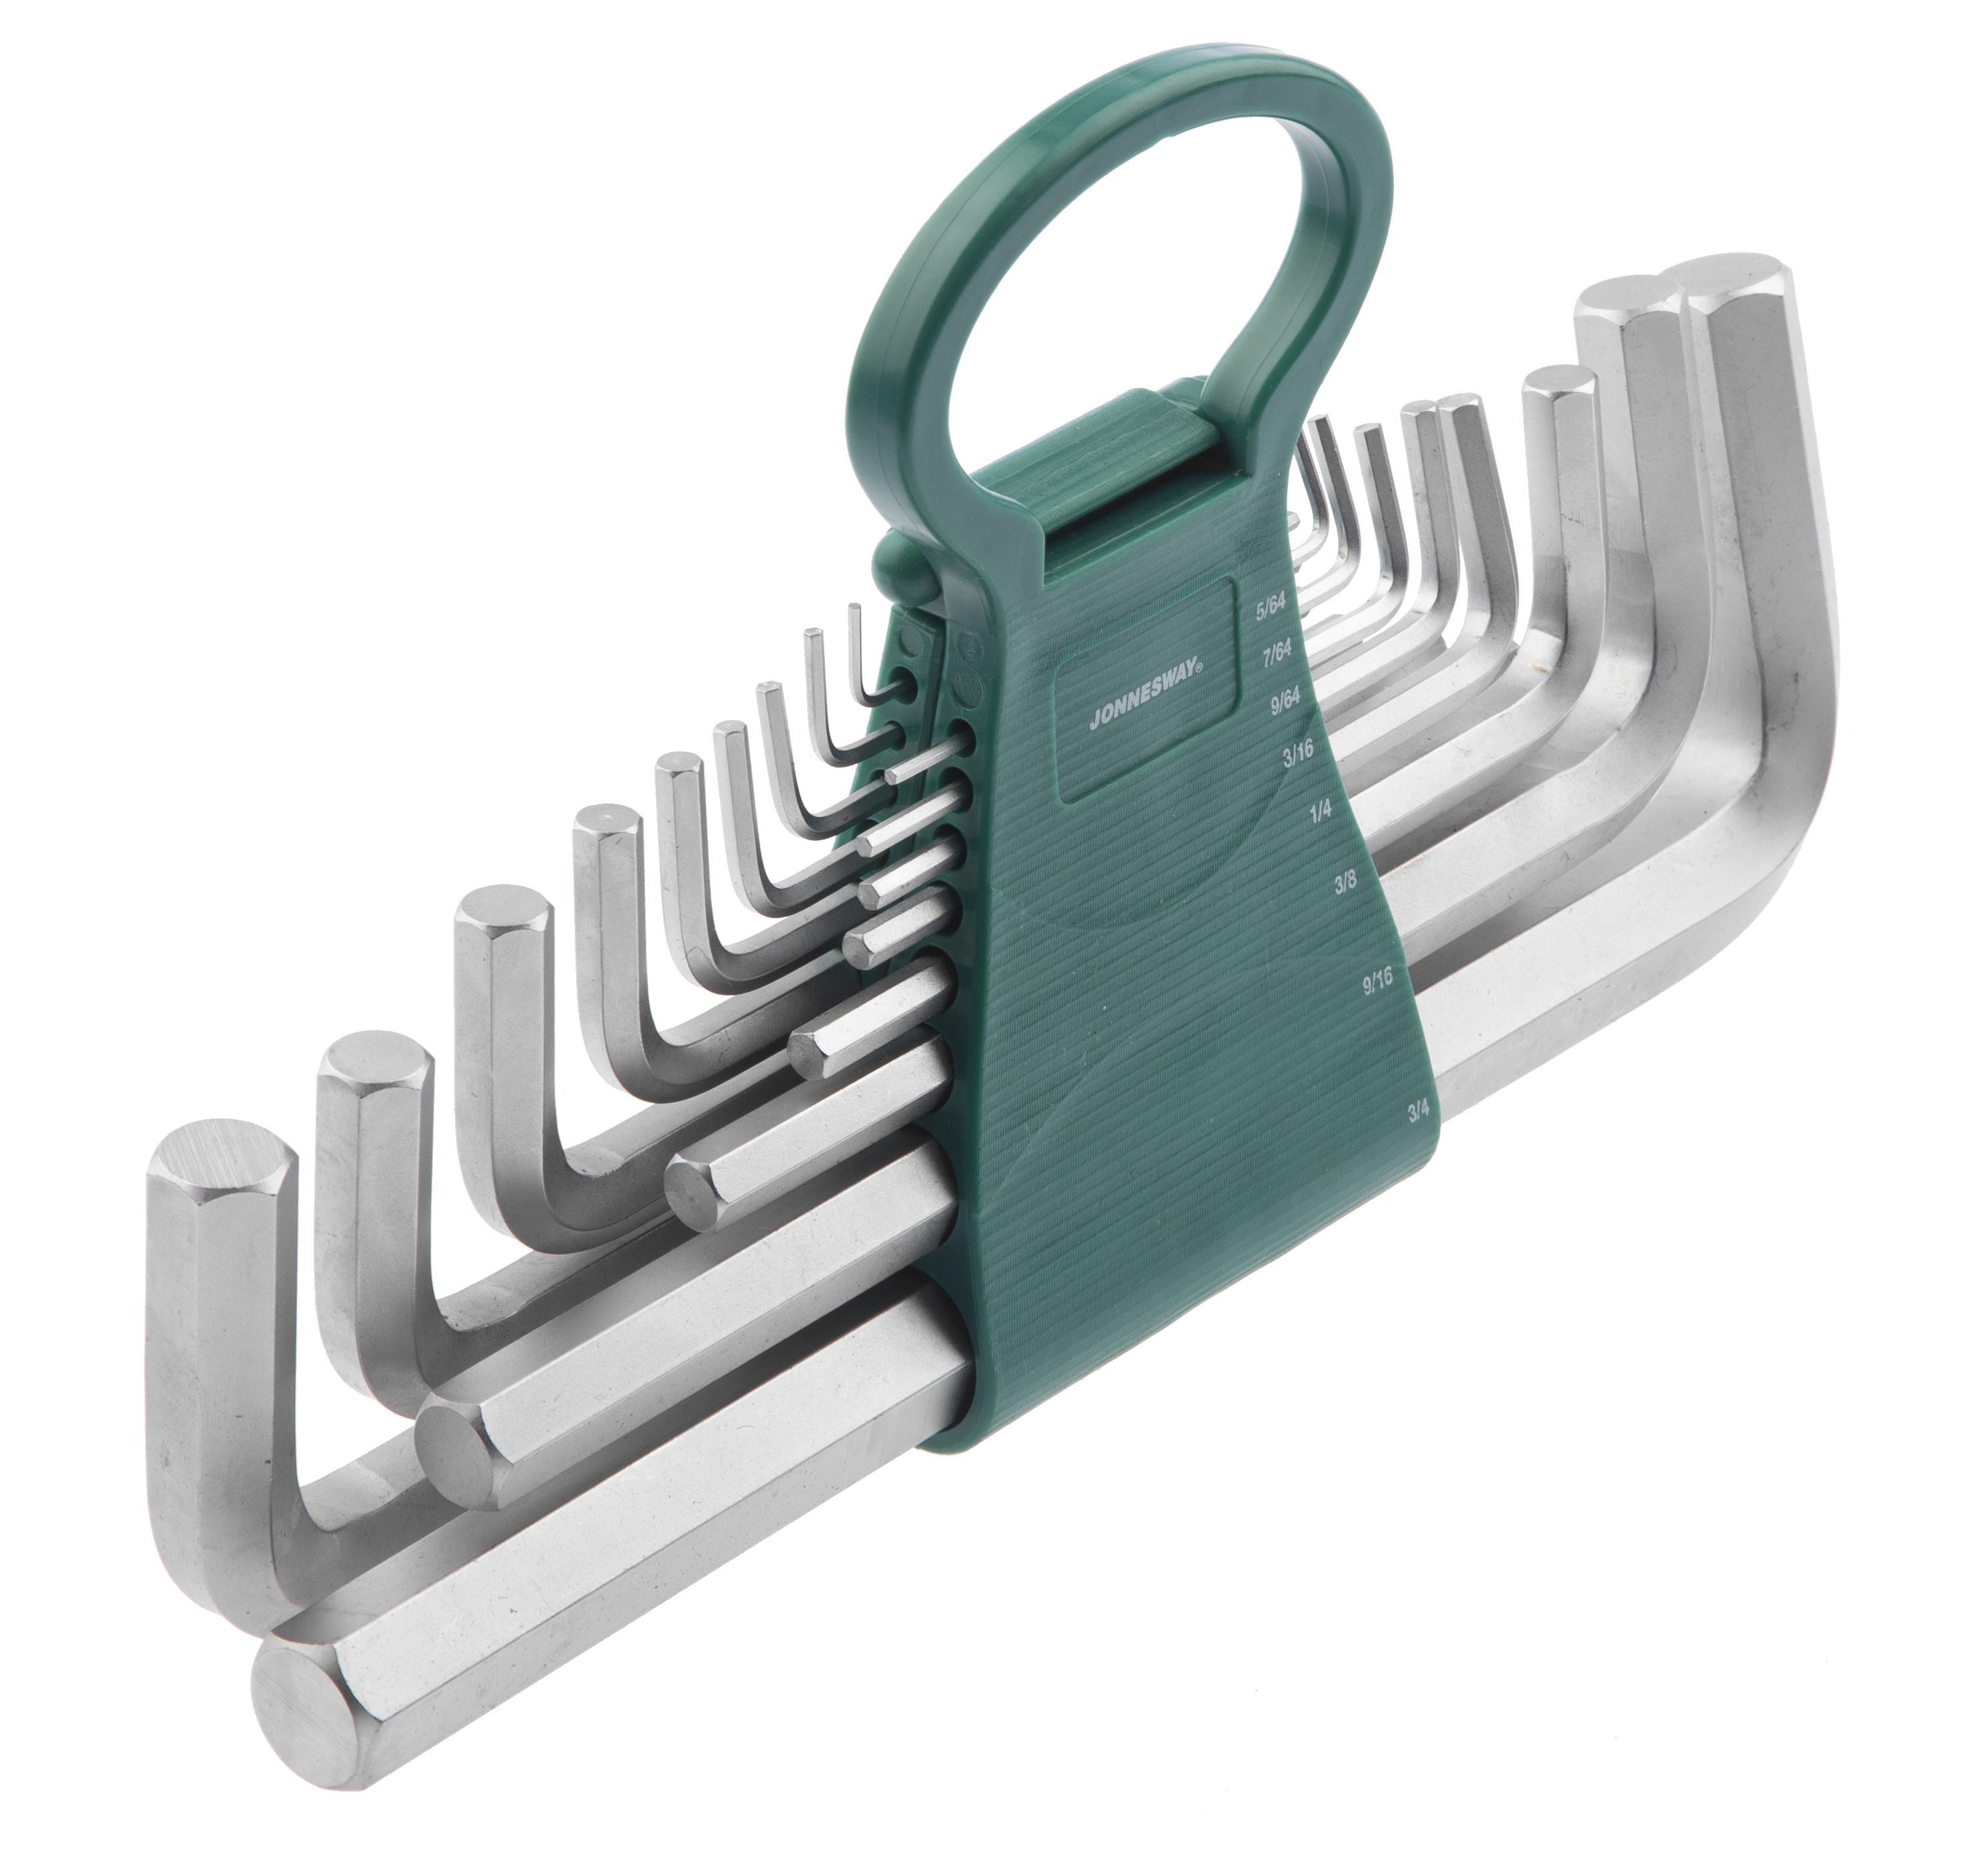 Набор шестигранных ключей Jonnesway H02mh217s набор торцевых шестигранных ключей jonnesway h02mh118s